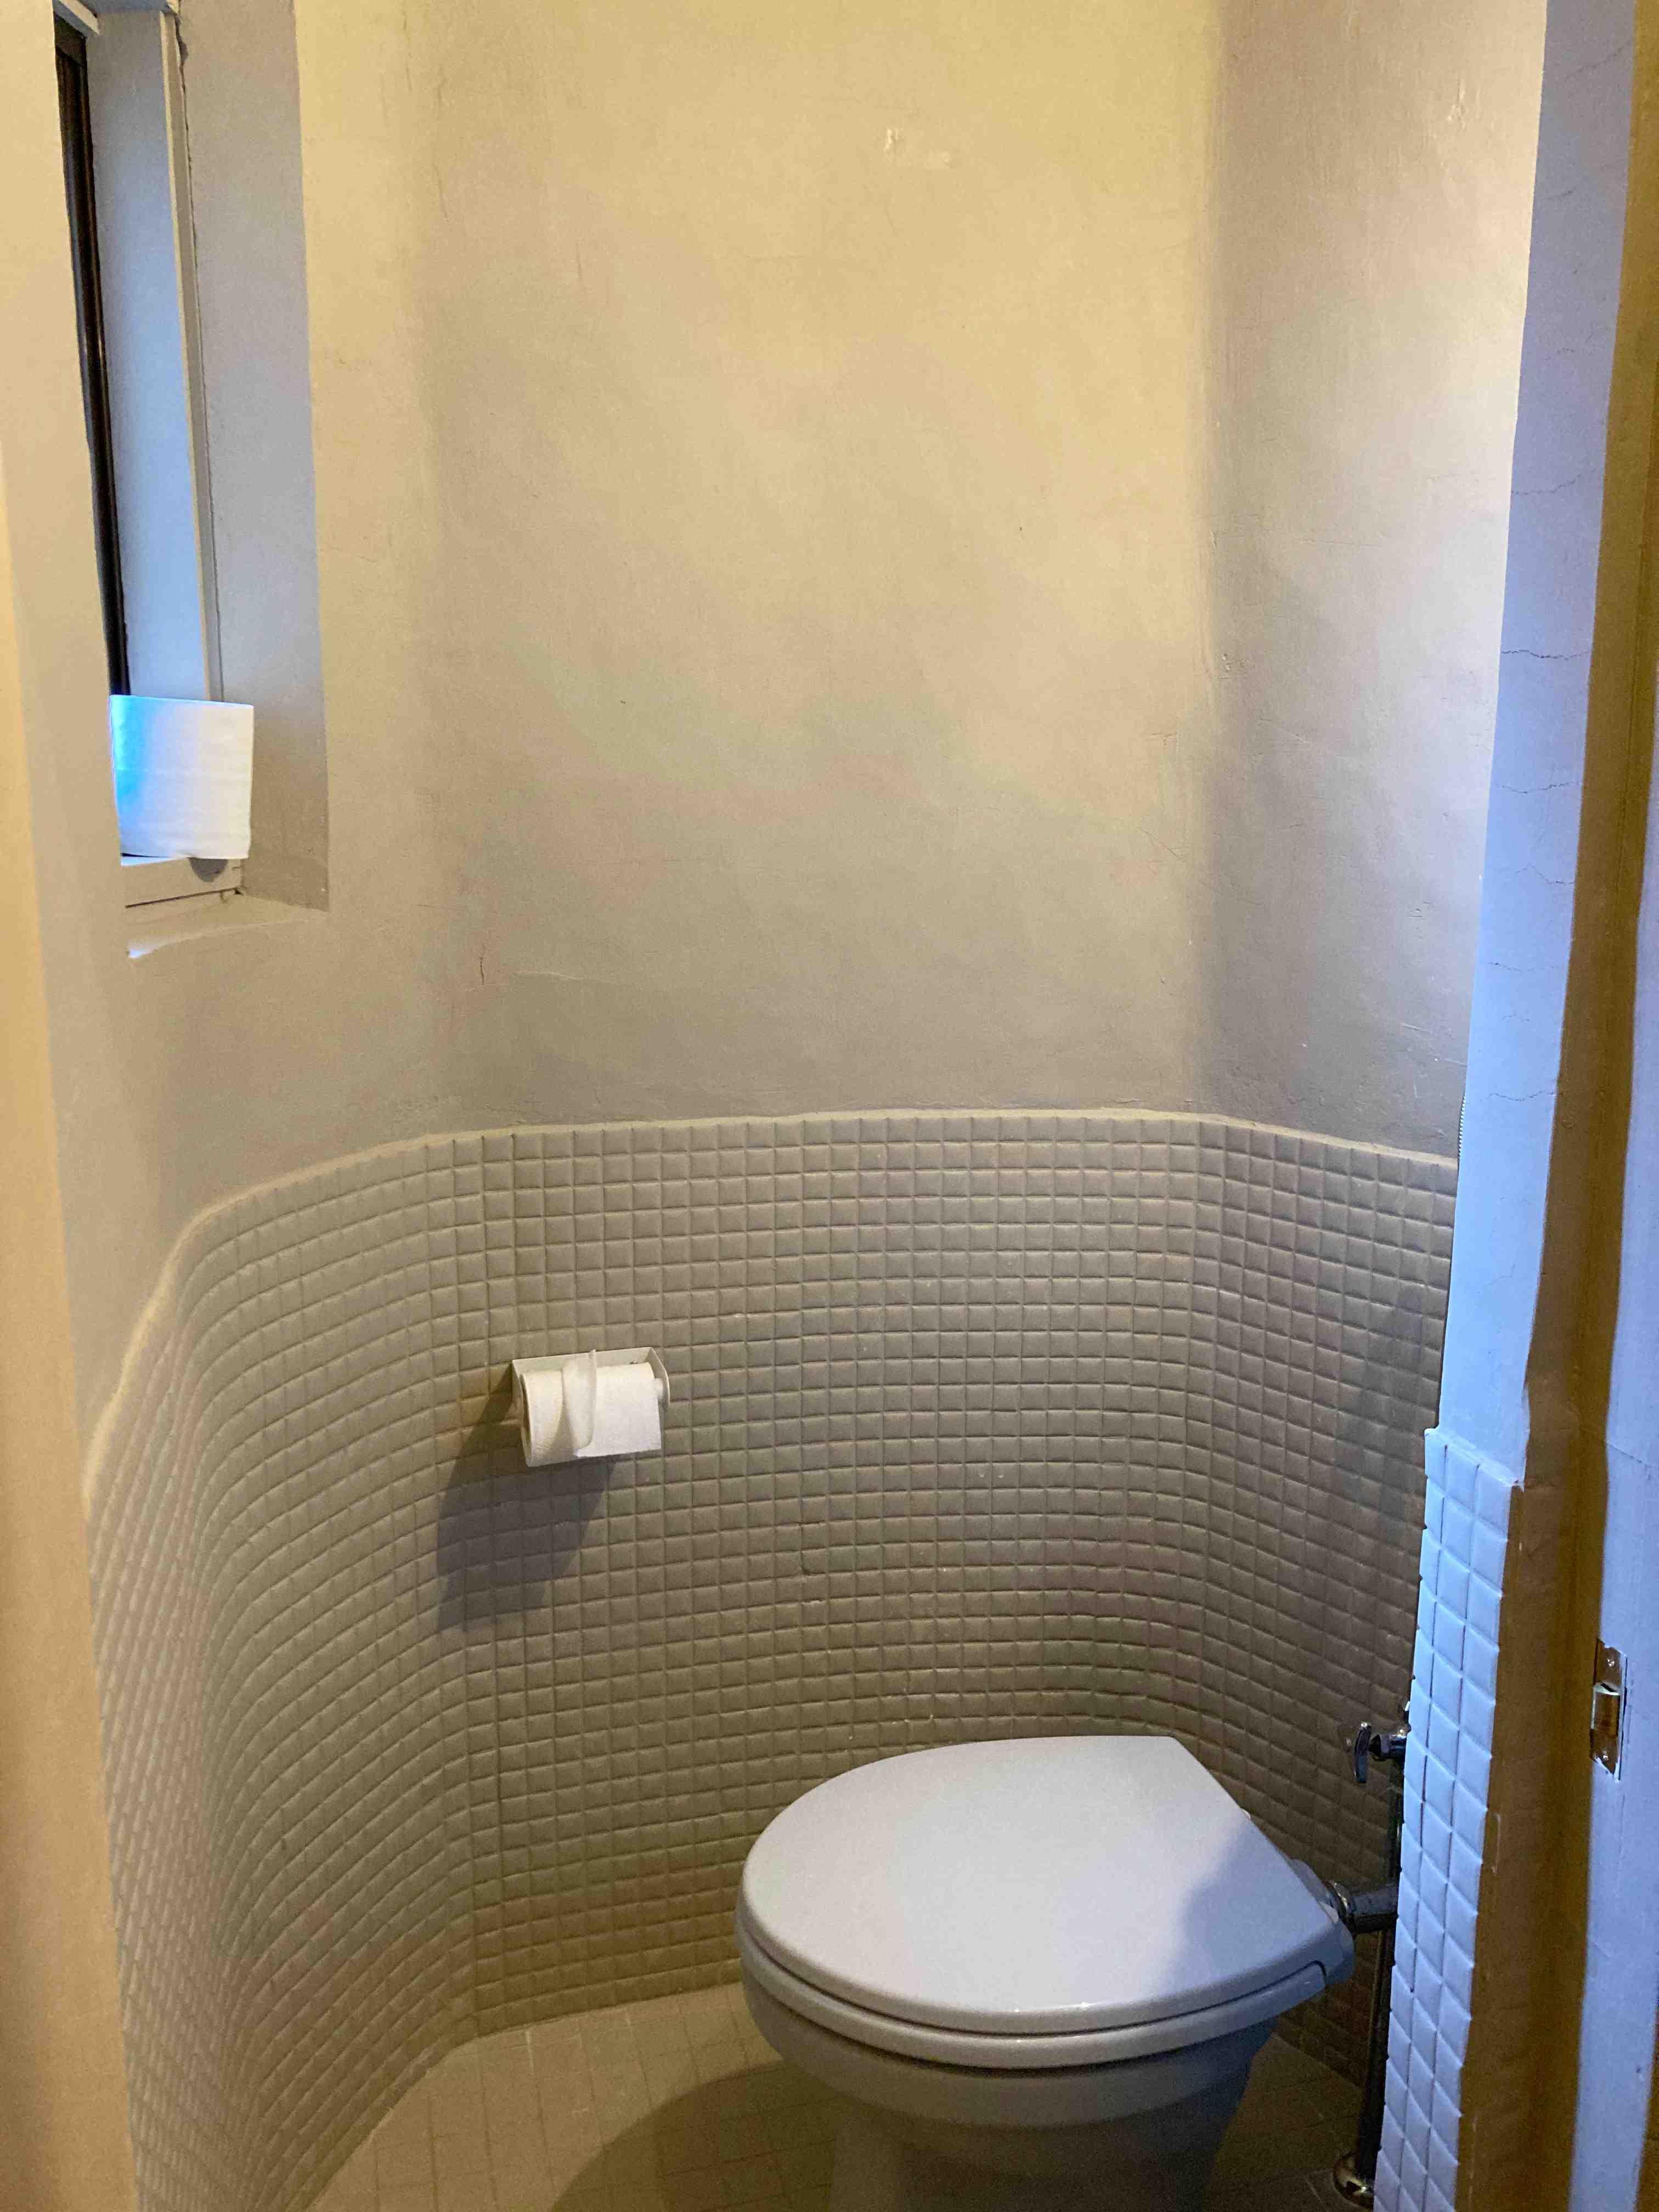 半円形のトイレがかわいいです